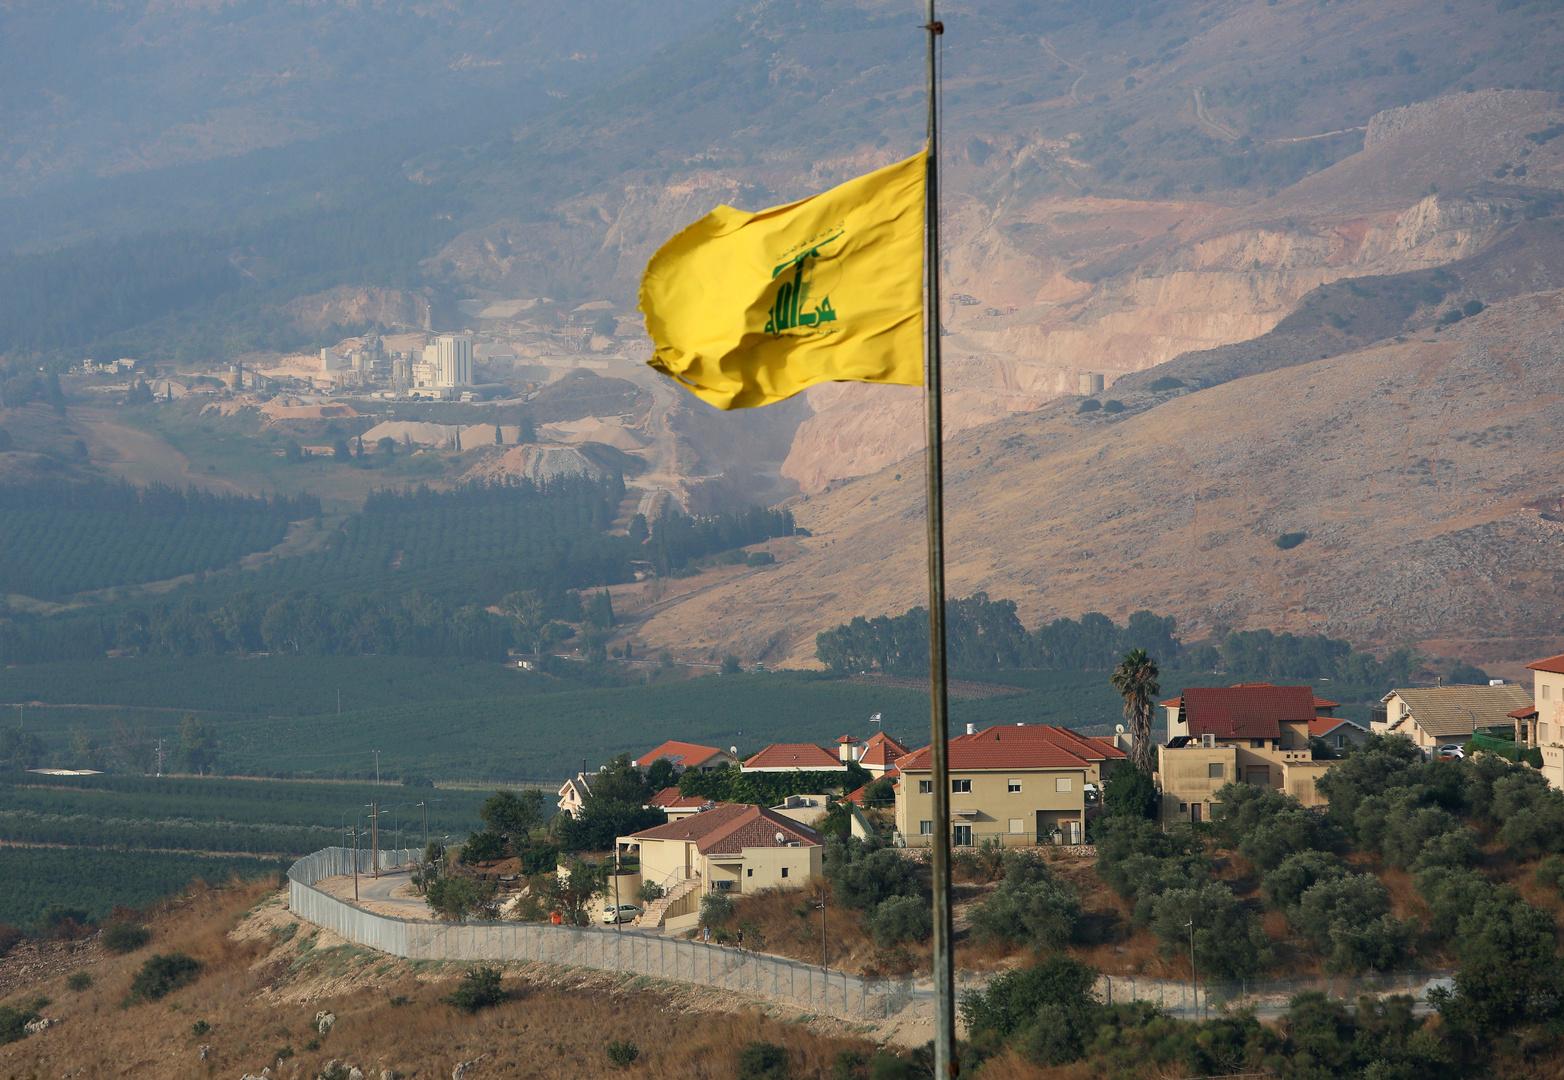 حدود لبنان الجنوبية، صورة من الأرشيف